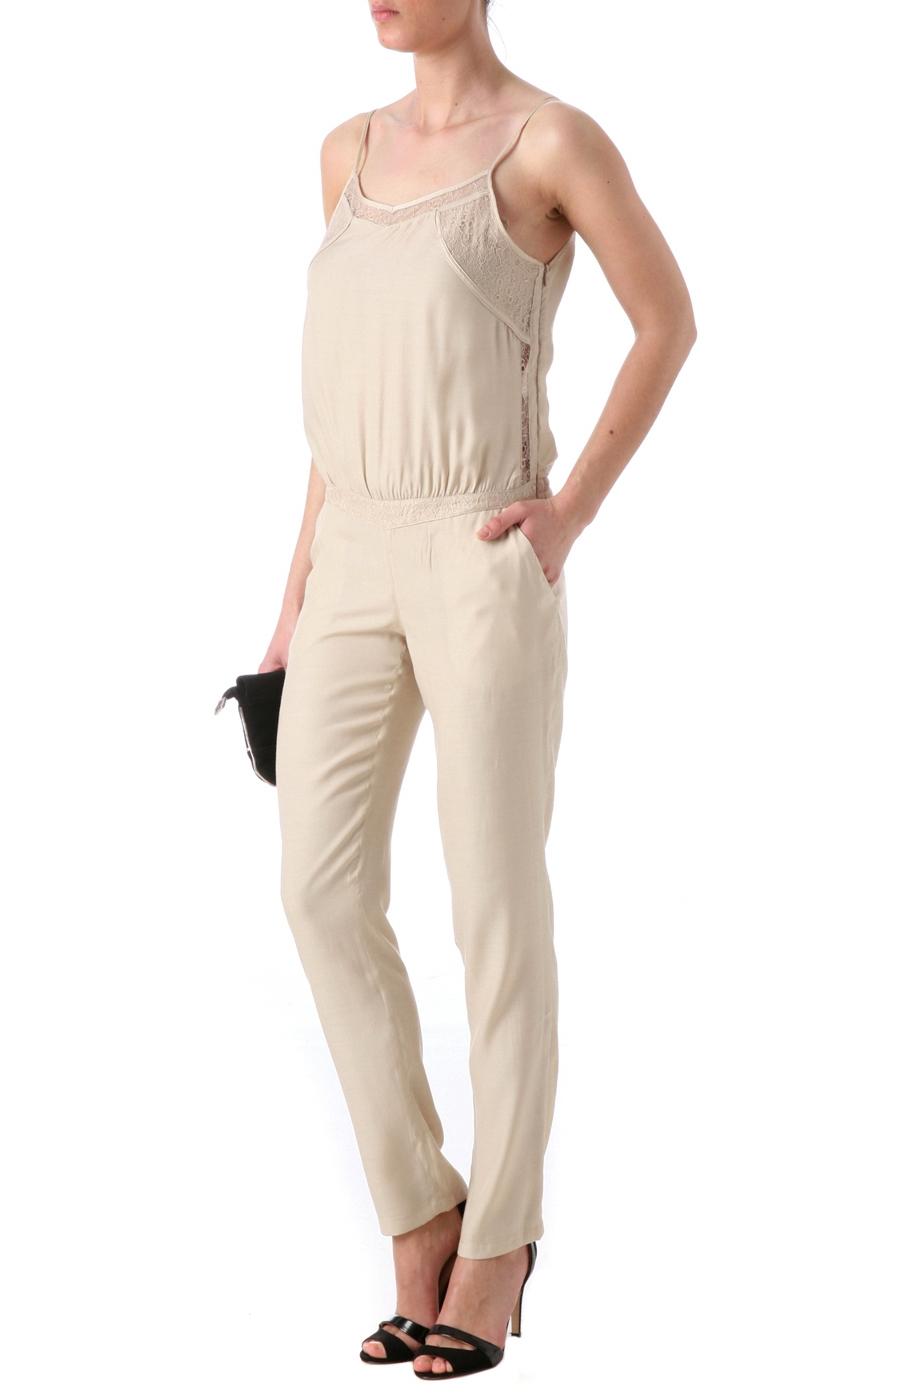 Invit e un mariage 6 id es de tenues de c r monie taaora blog mode tendances looks - Combinaison pantalon ceremonie ...